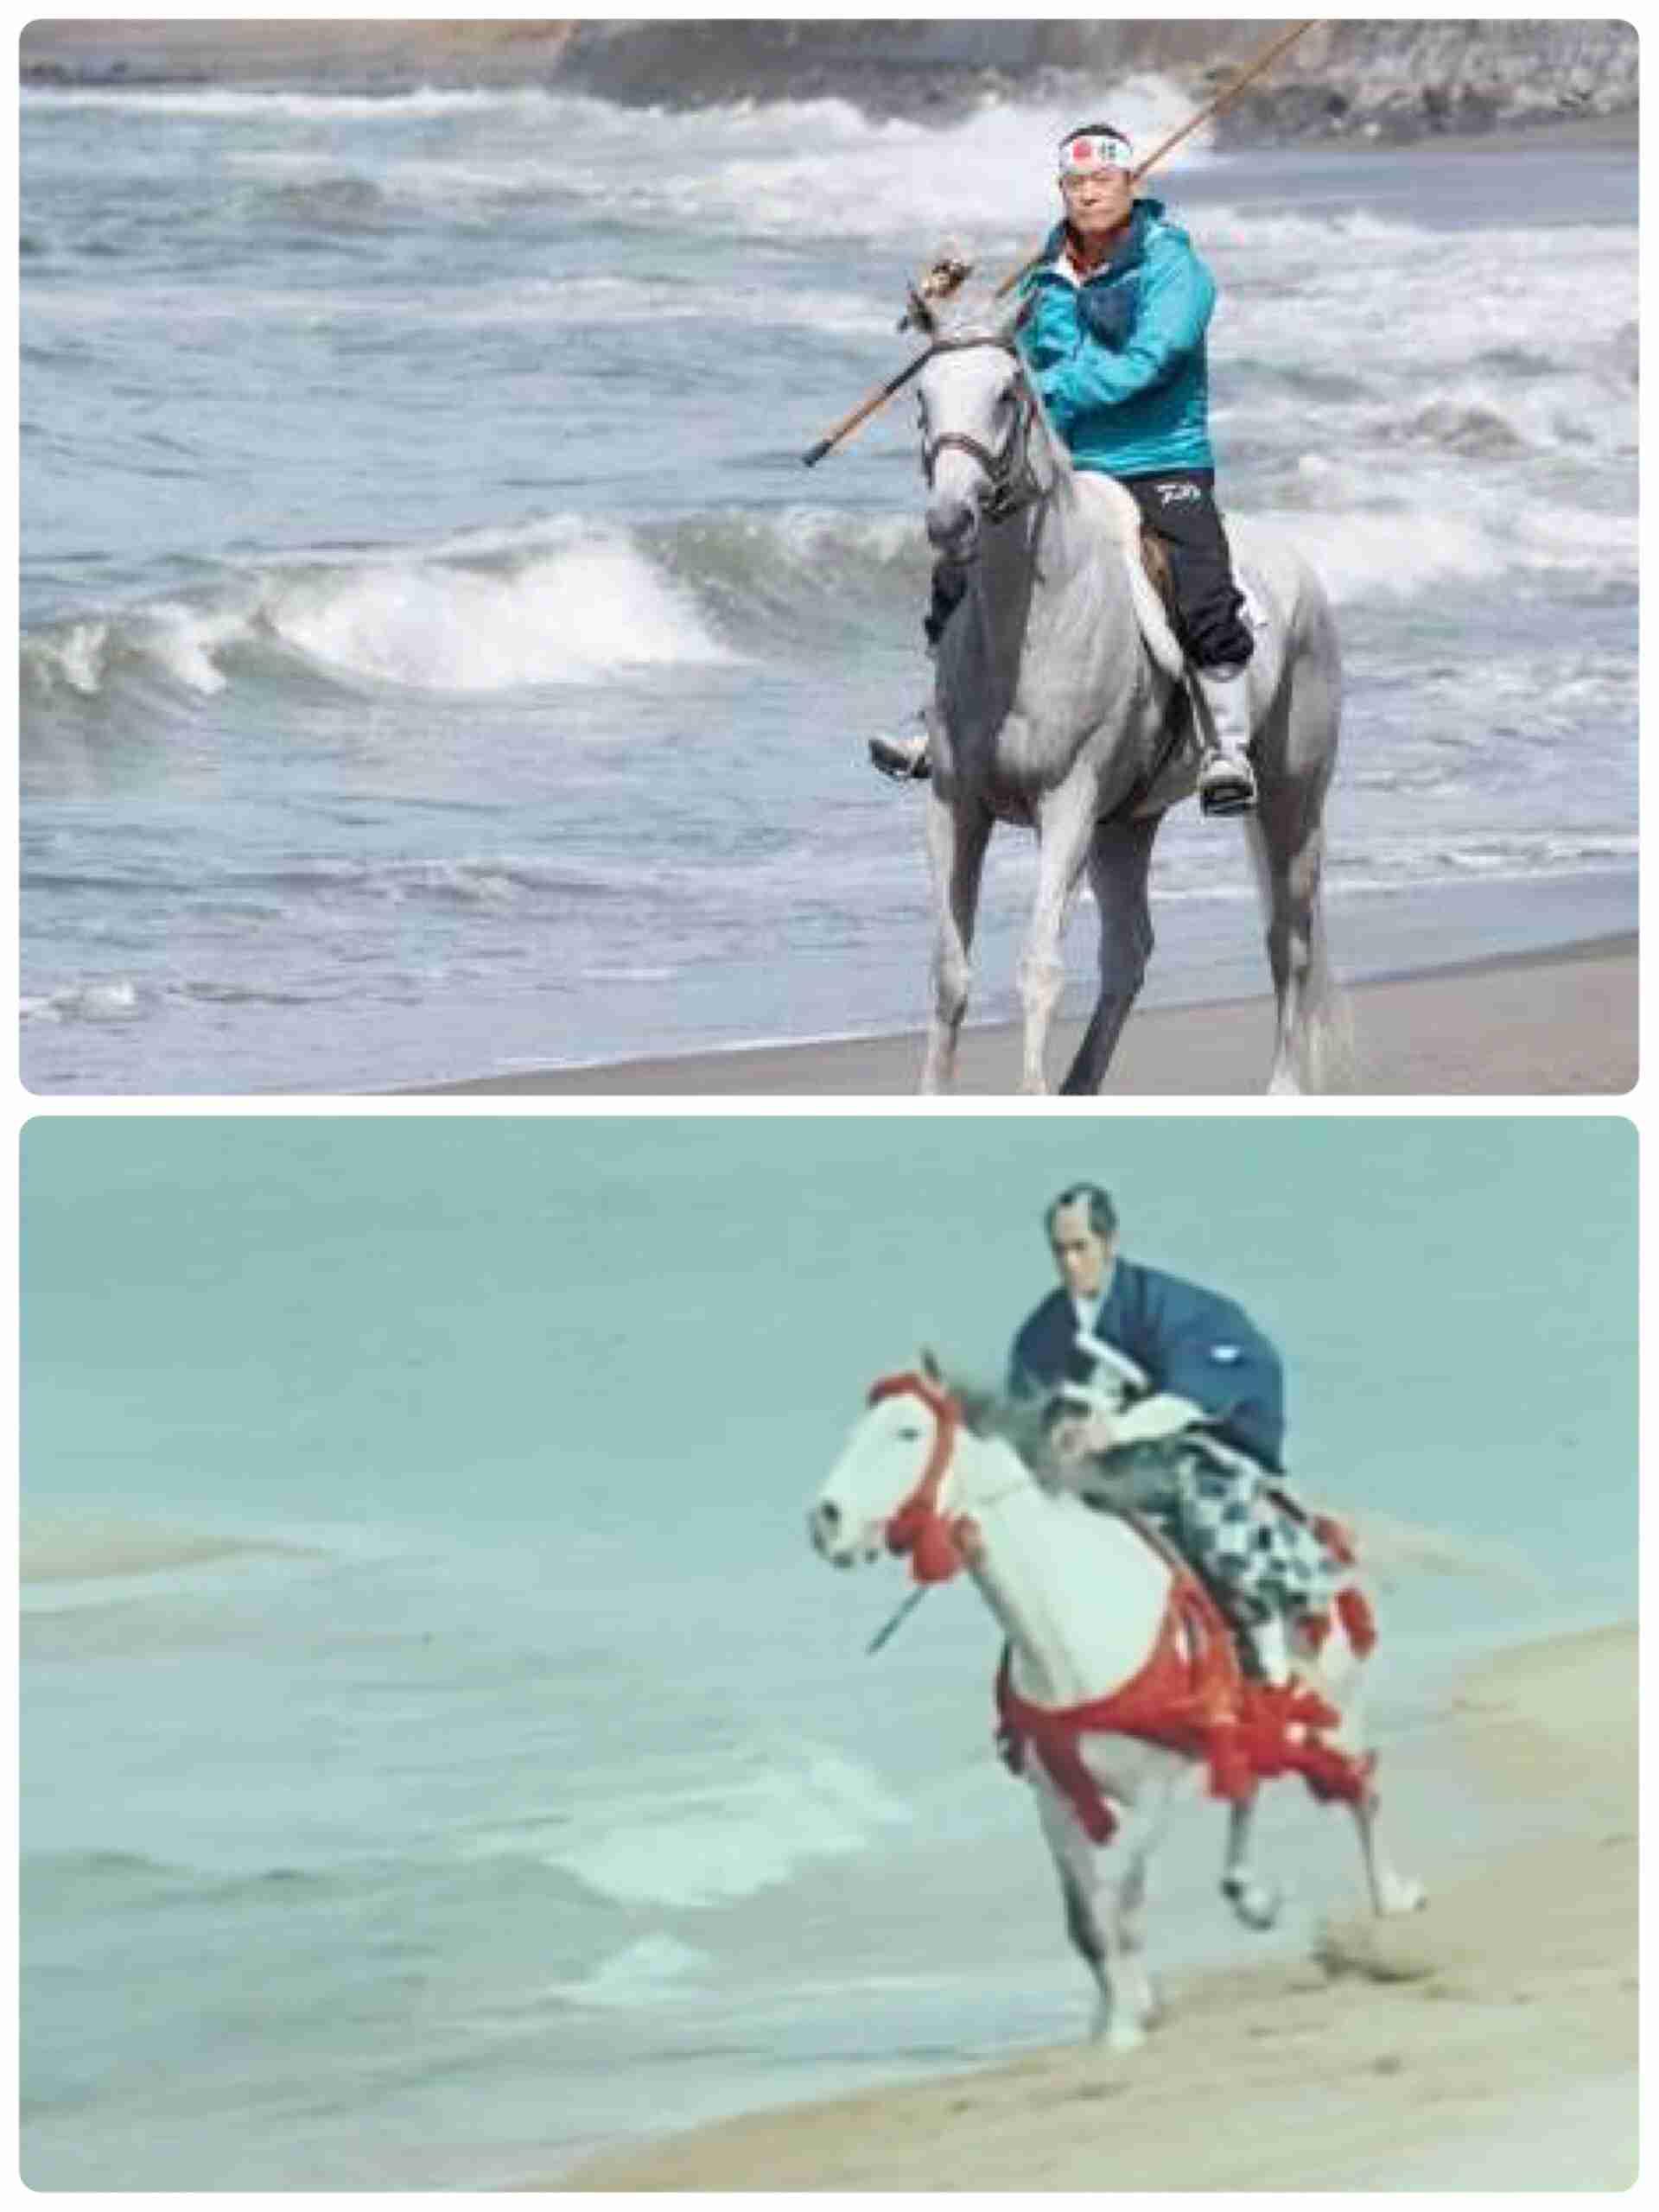 松平健、白馬に乗って『釣りバカ日誌』参戦「暴れん坊将軍を思い出しました」